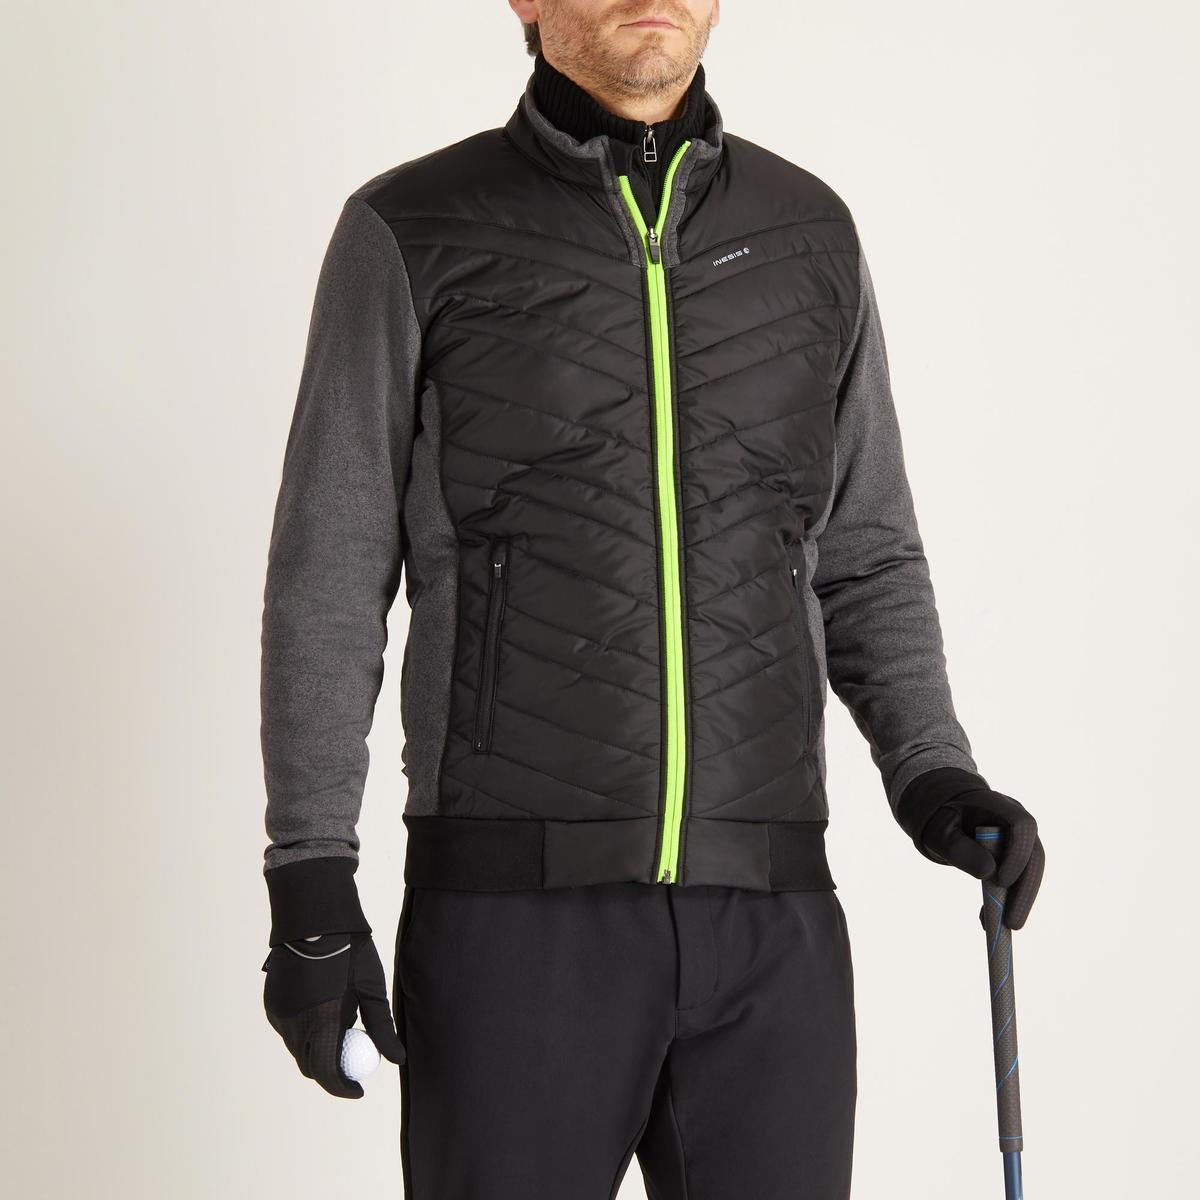 Bild 2 von Golf Wattierte Jacke kühle Witterungen Herren schwarz